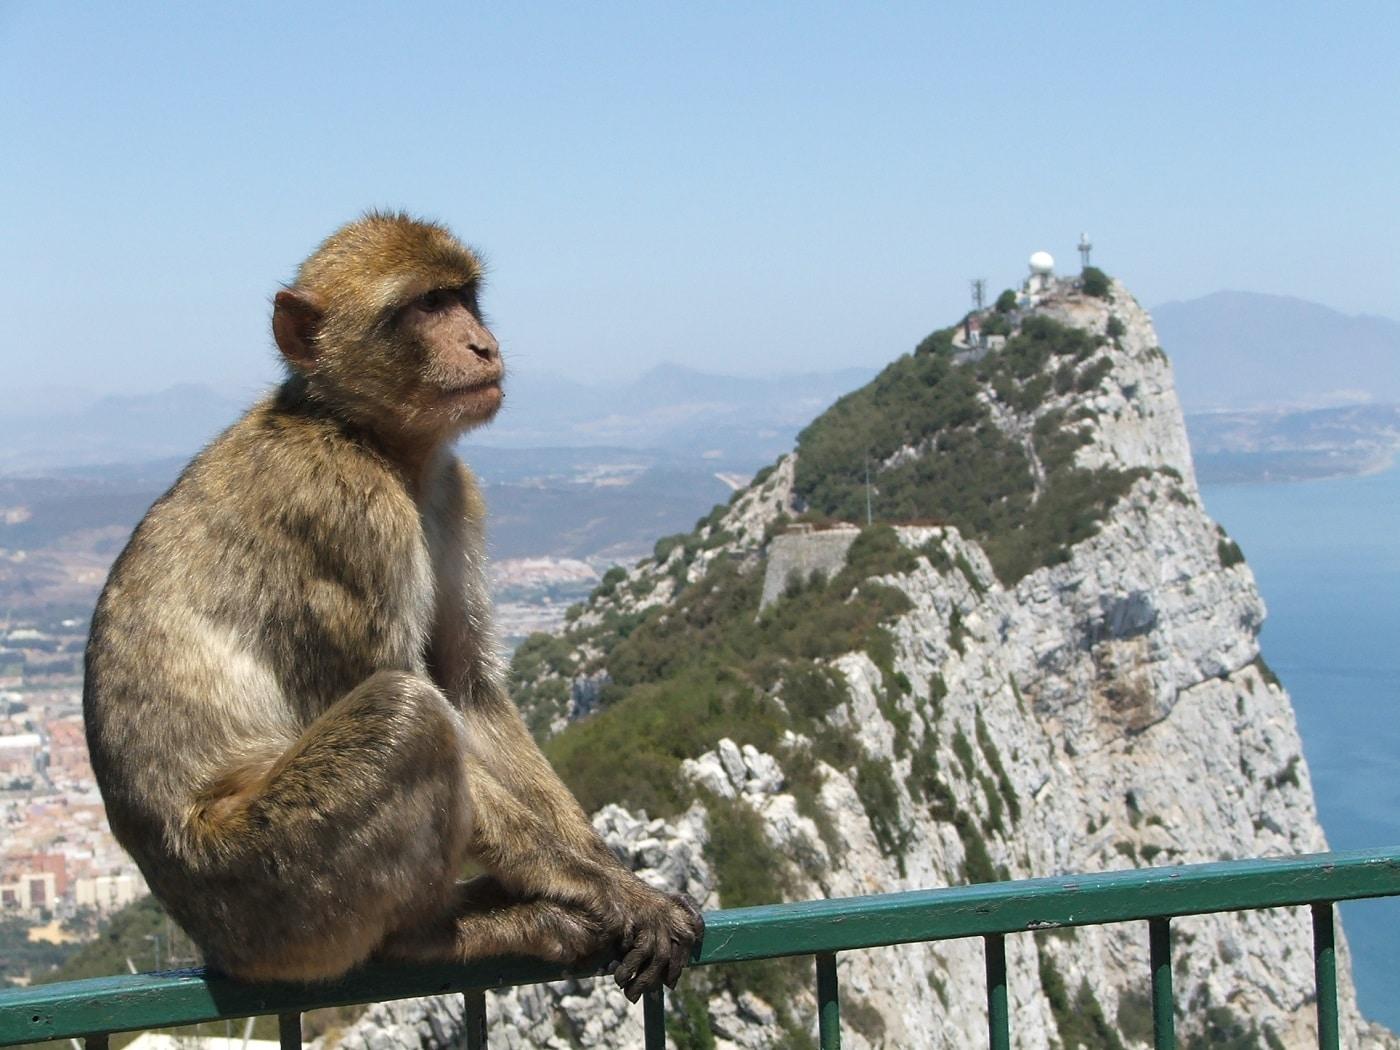 Populaţia de macaci înveseleşte întreaga regiune